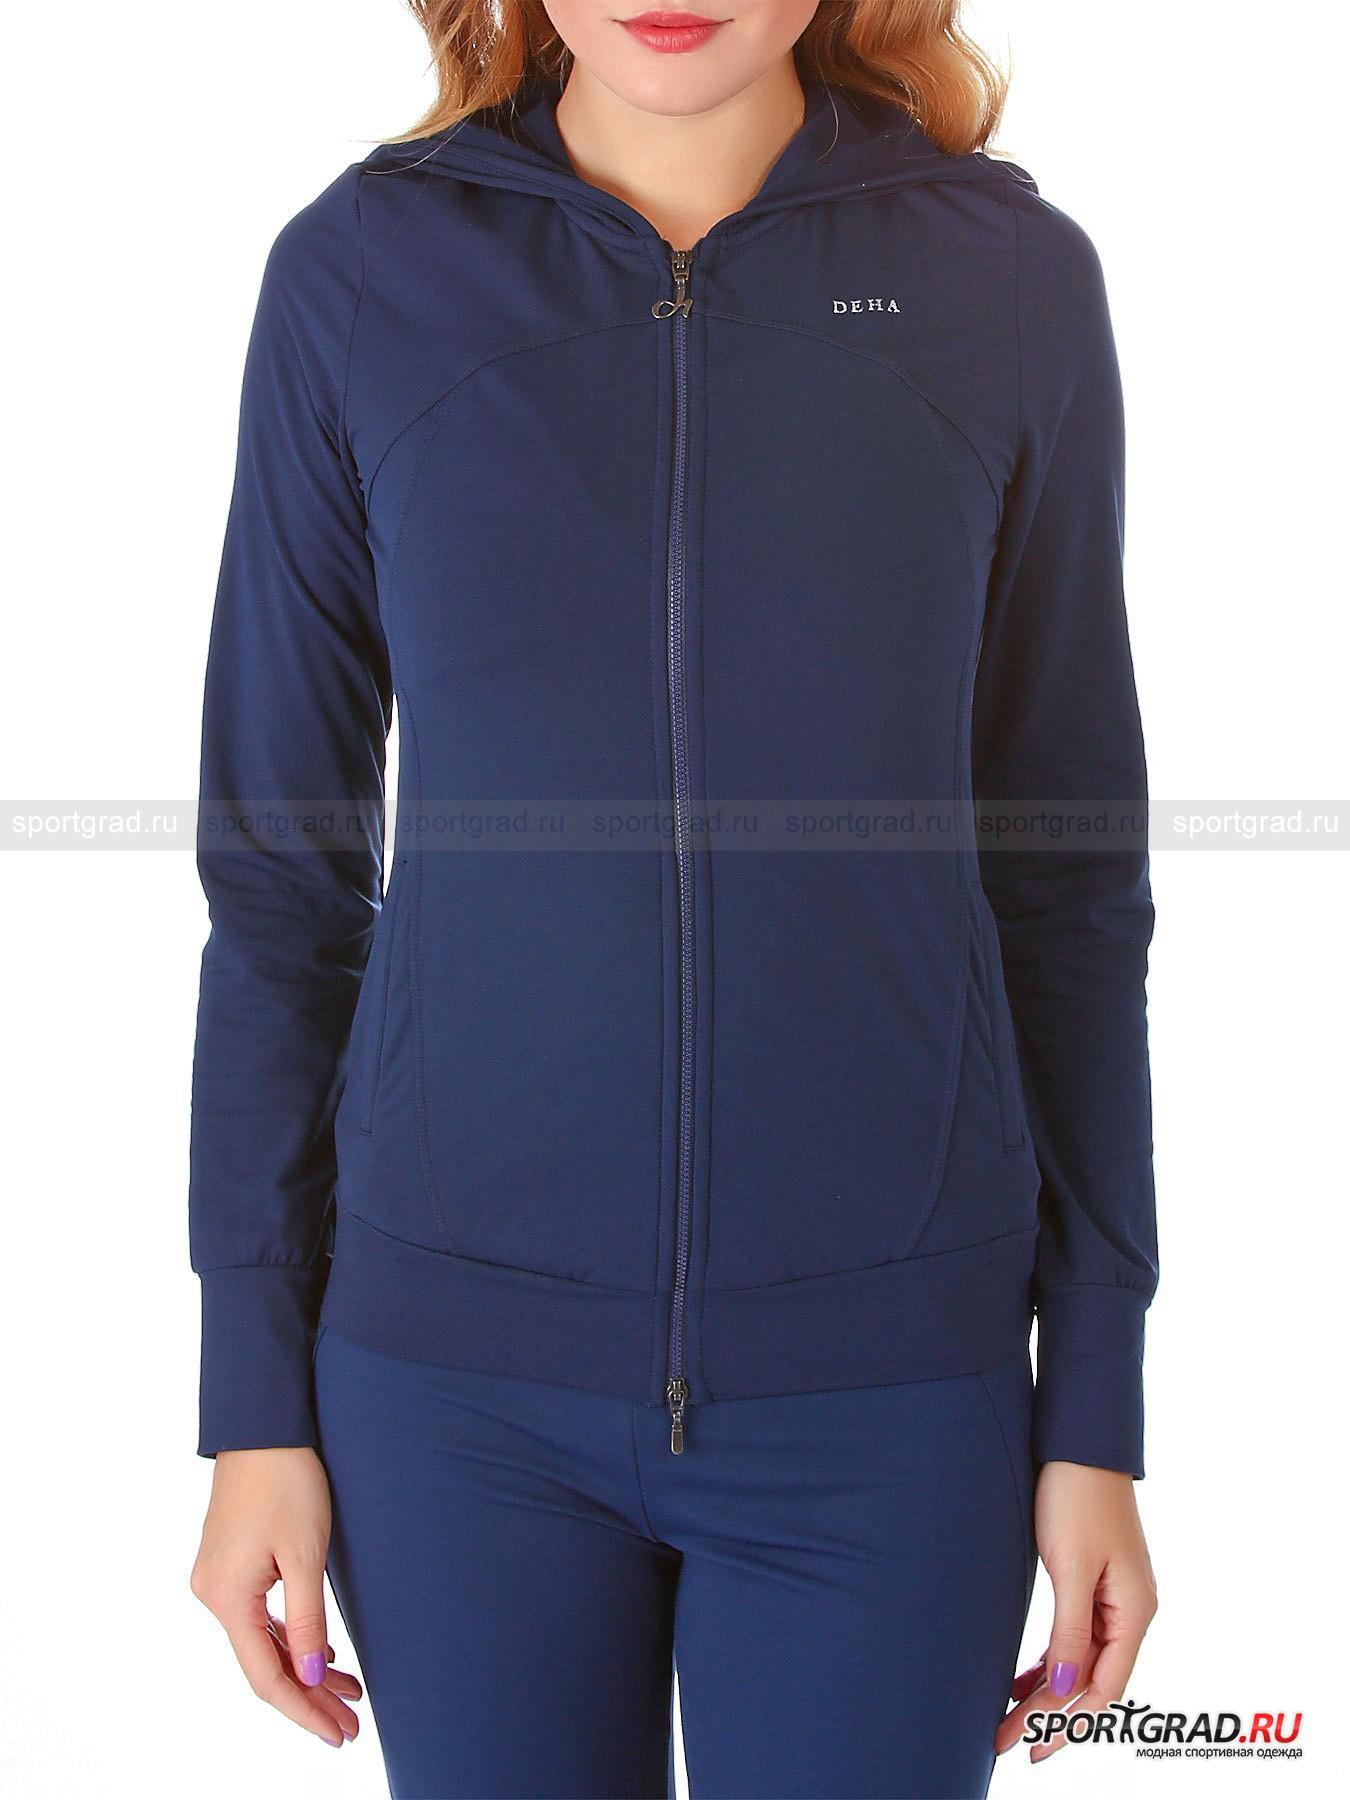 Толстовка женская Swetshirt hooded DEHA на молнии для занятий спортом